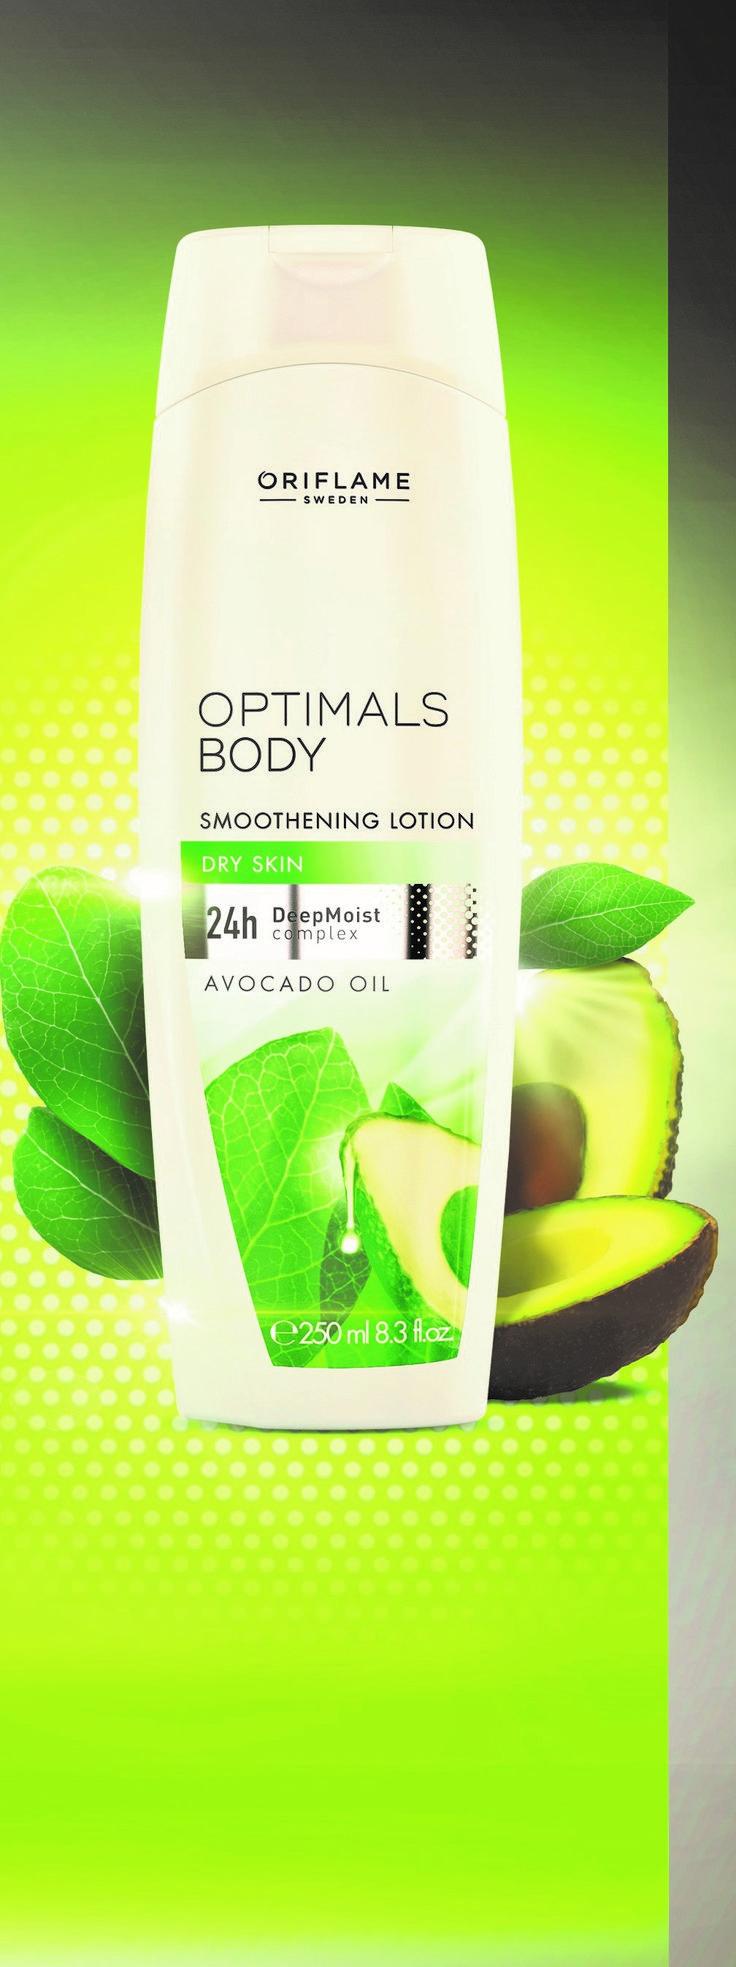 Das beste Geschenk für Deine Haut: Optimals Body von Oriflame mit Avocado Öl.  Das nährstoffreiche Avocado-Öl kann das wahre Wunder bewirken, überzeuge Dich selbst!!! Demnächst bei #OriflameGermany #OptimalsBody #Avocado #Schönheit #Hautpflege #Körperpflege #Beauty #Sommer